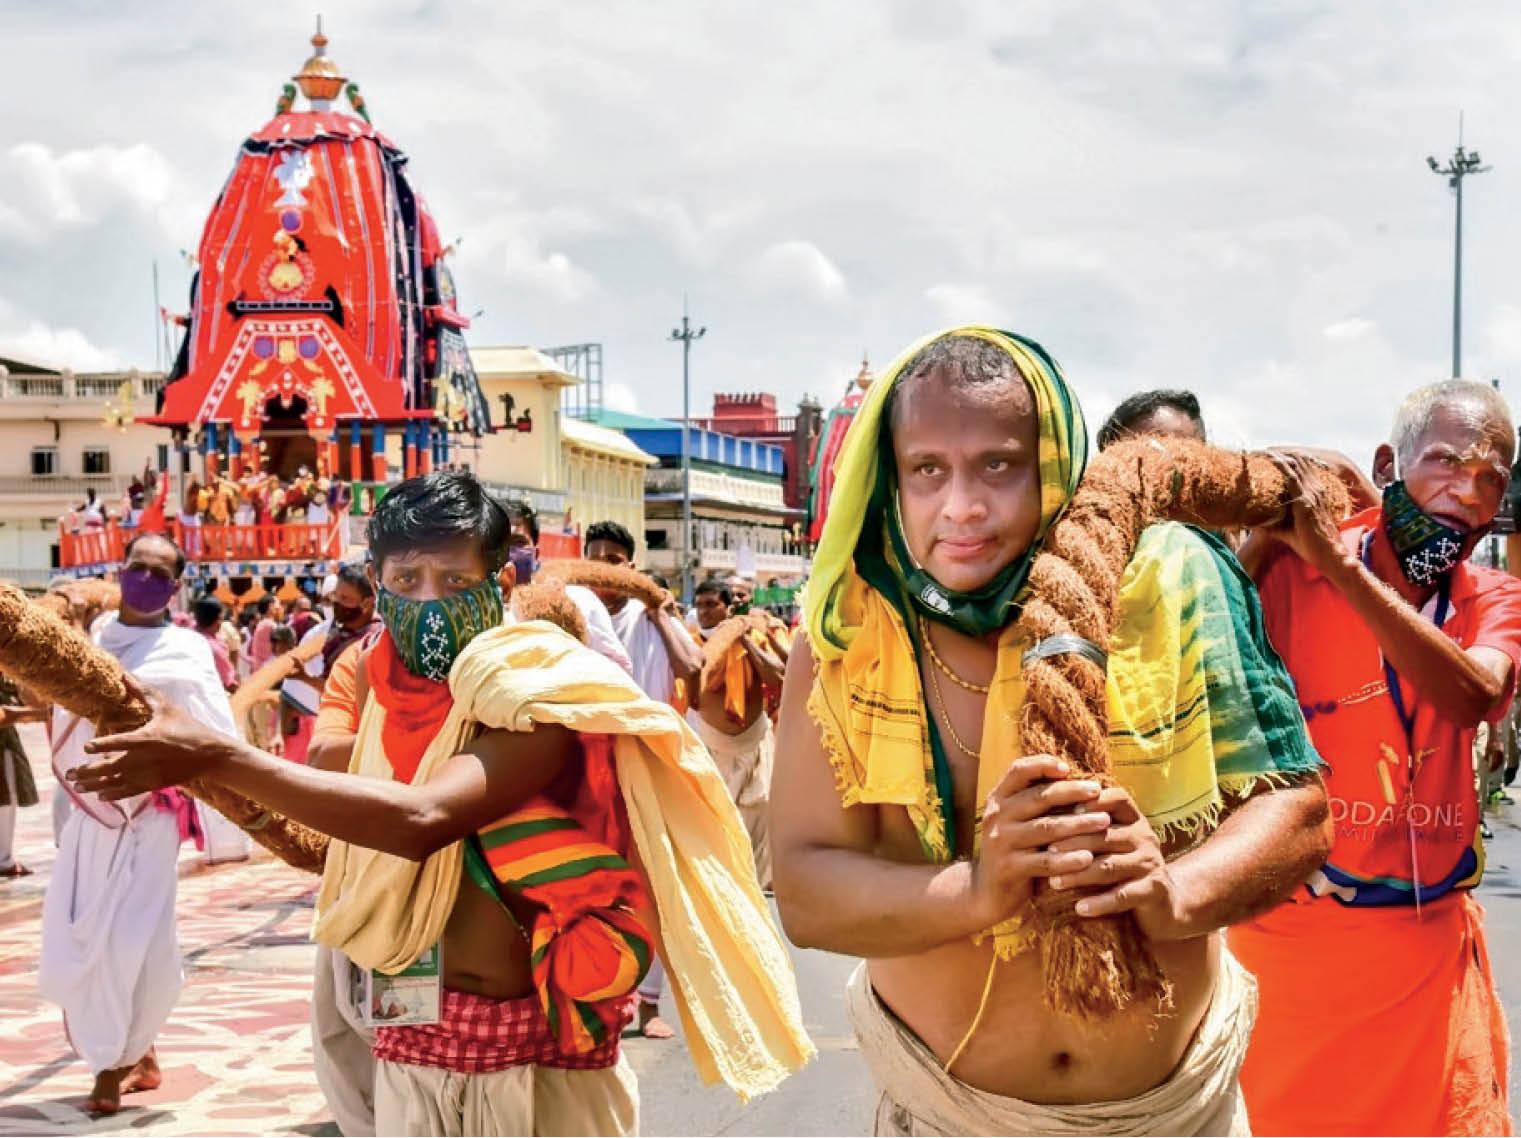 पुरी मंदिर के मुख्य पुजारी जनार्दन पट्टाजोशी महापात्र ने बताया कोराेनाकाल के संदर्भ में रथयात्रा का महत्व - Dainik Bhaskar